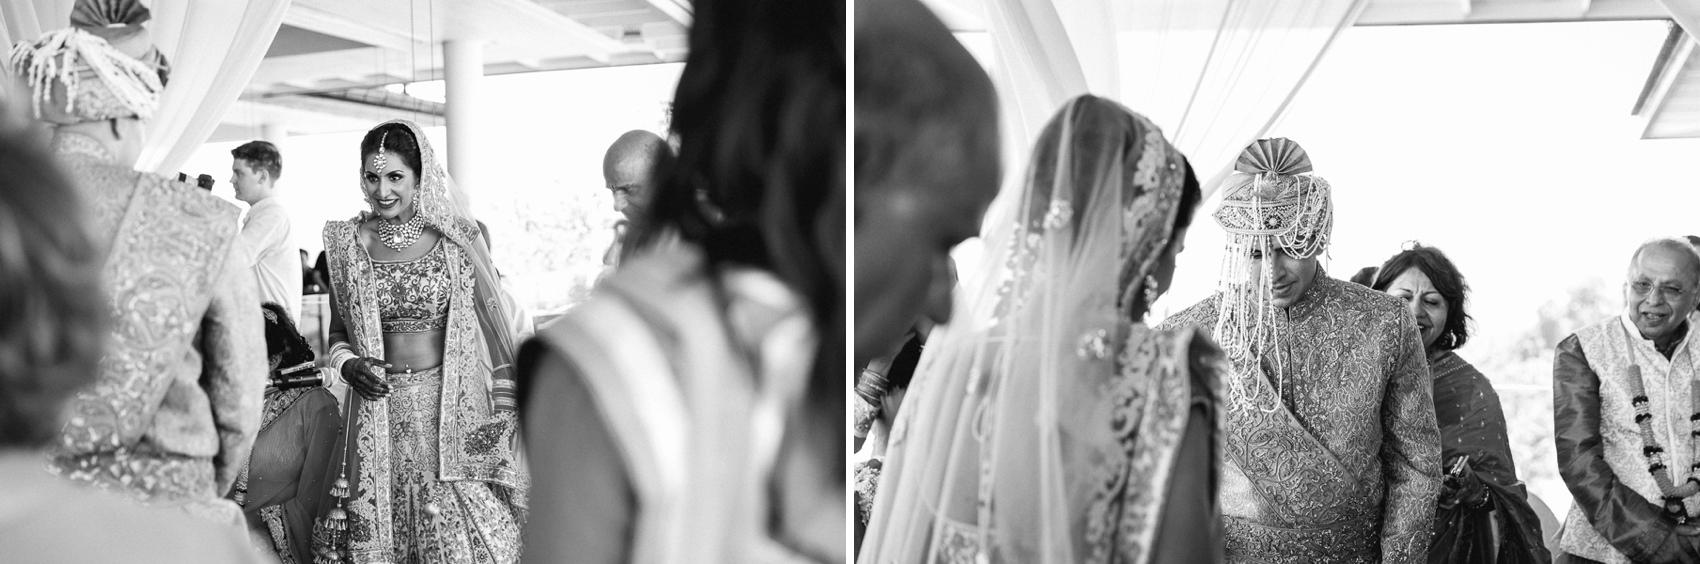 Indian-Wedding-Photography-Maala-Rohan_0211